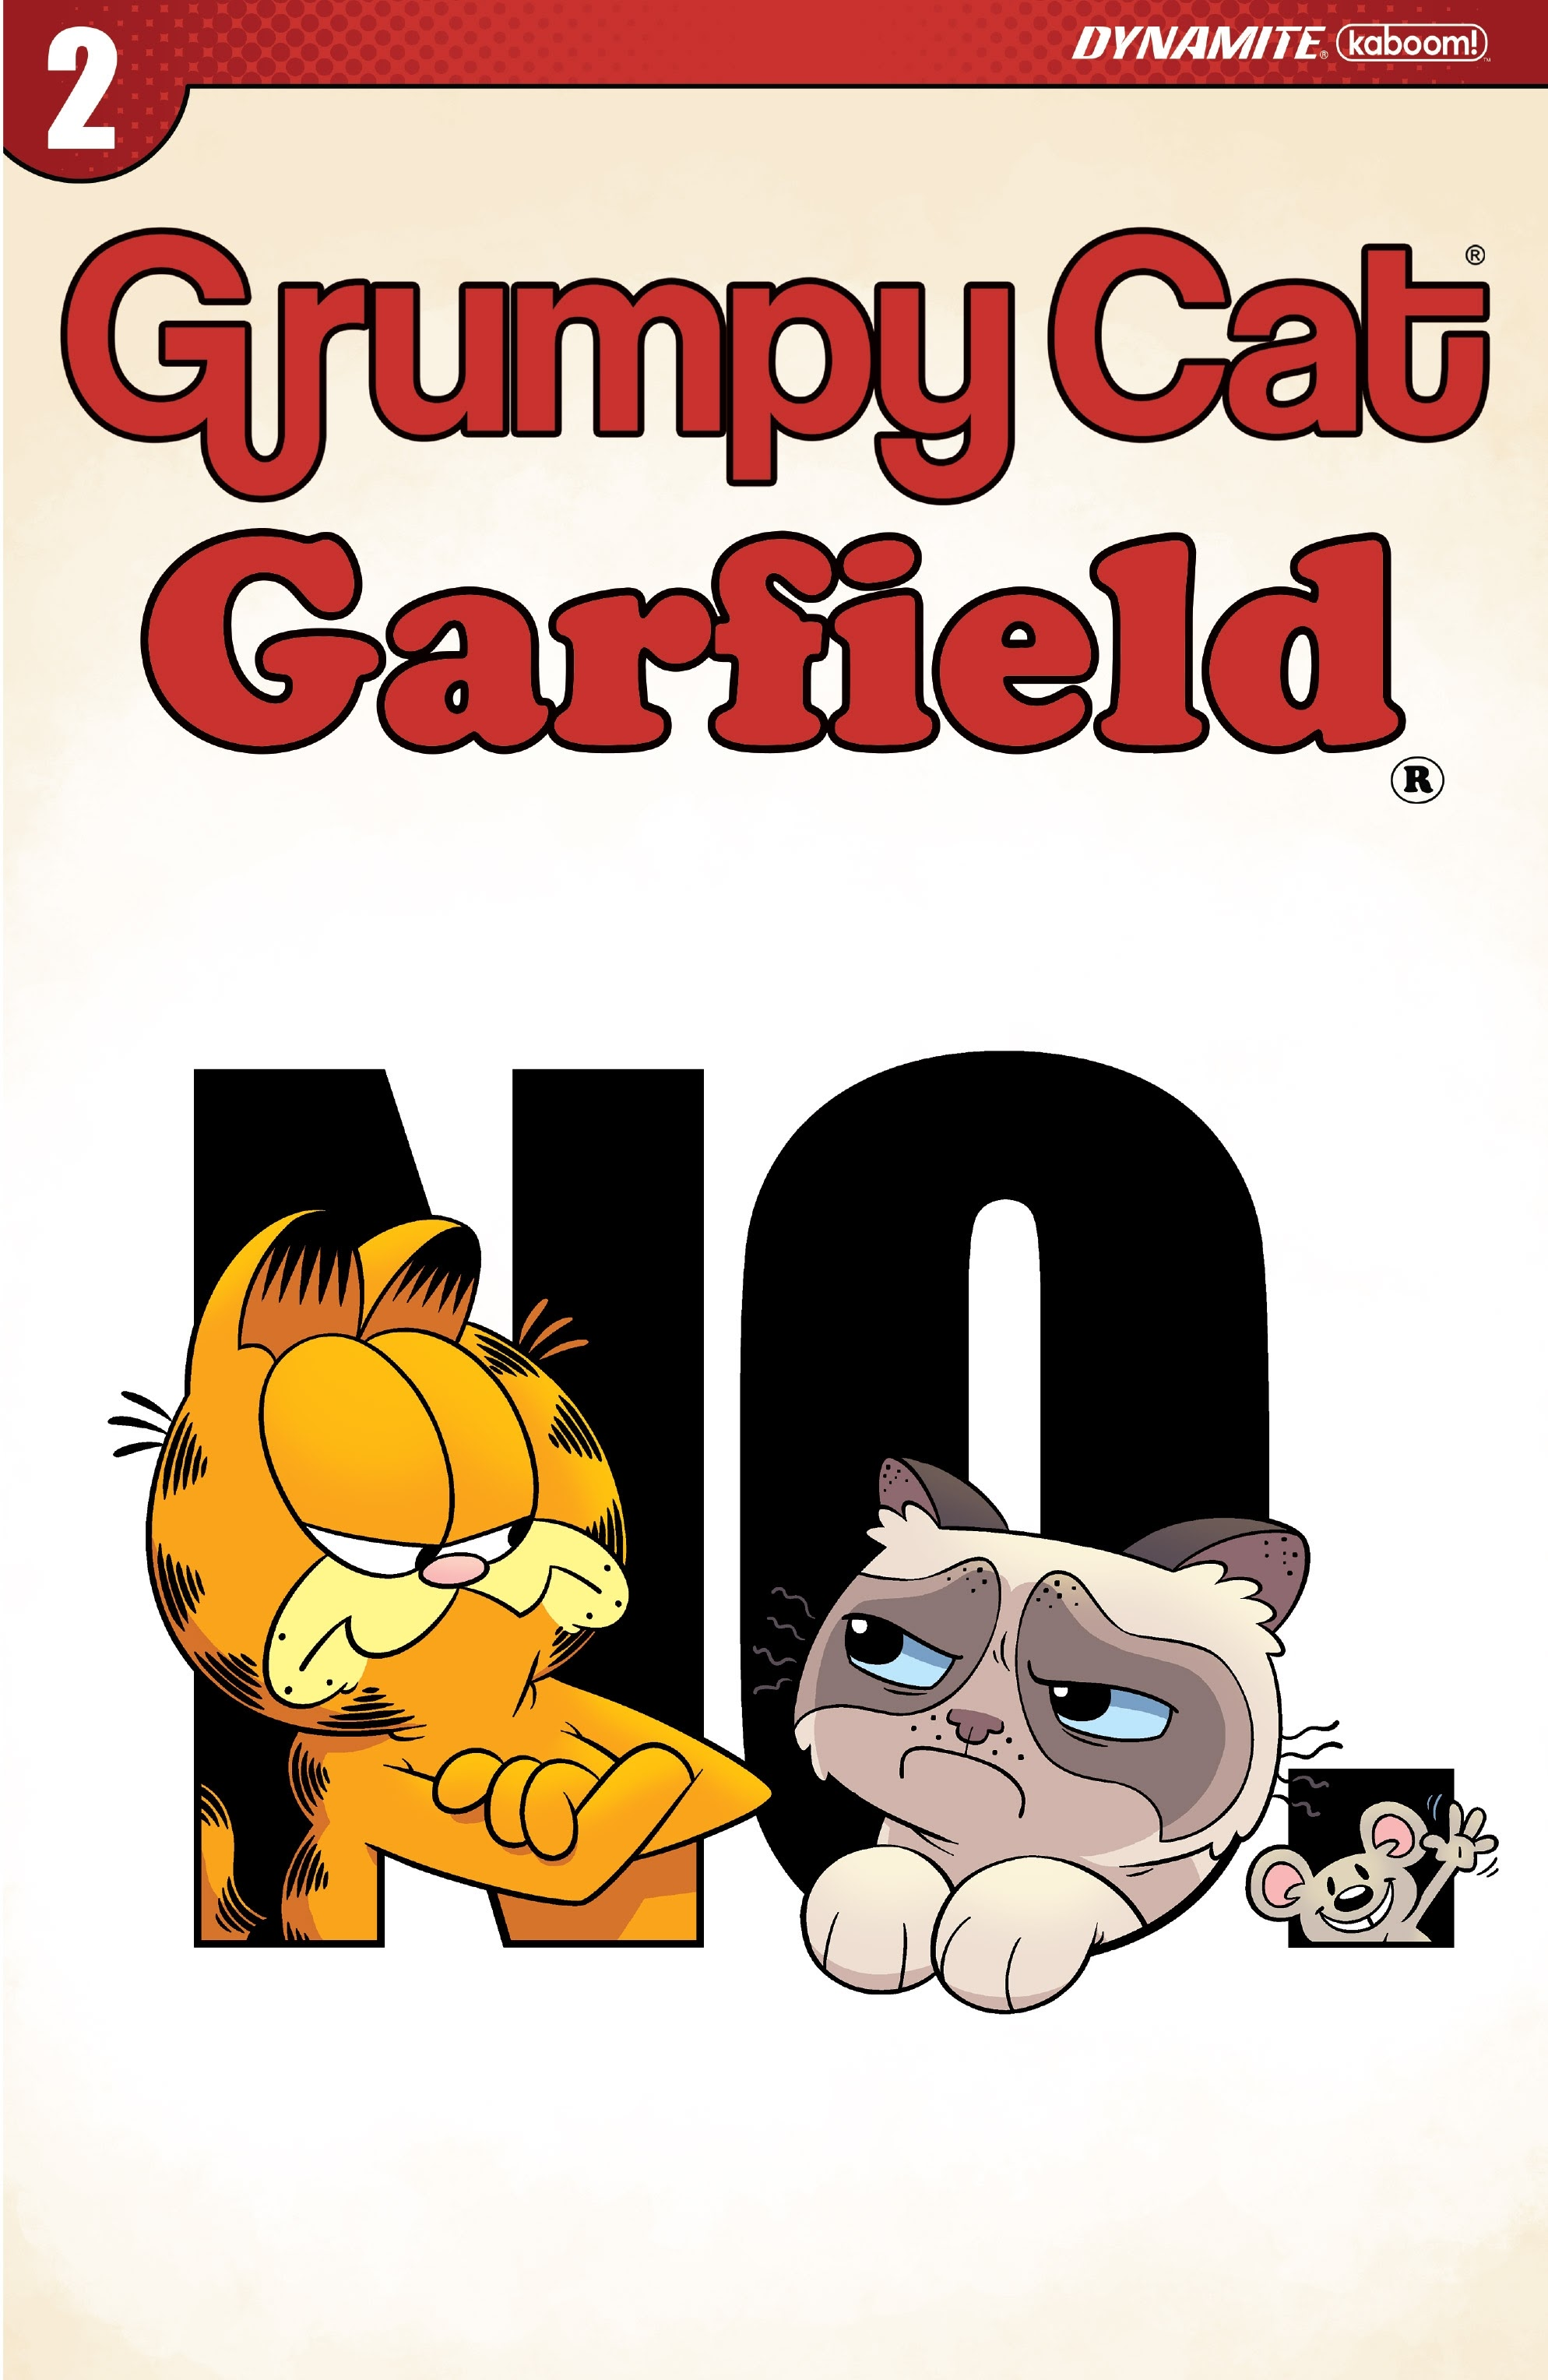 Read Grumpy Cat Garfield Issue 2 Online